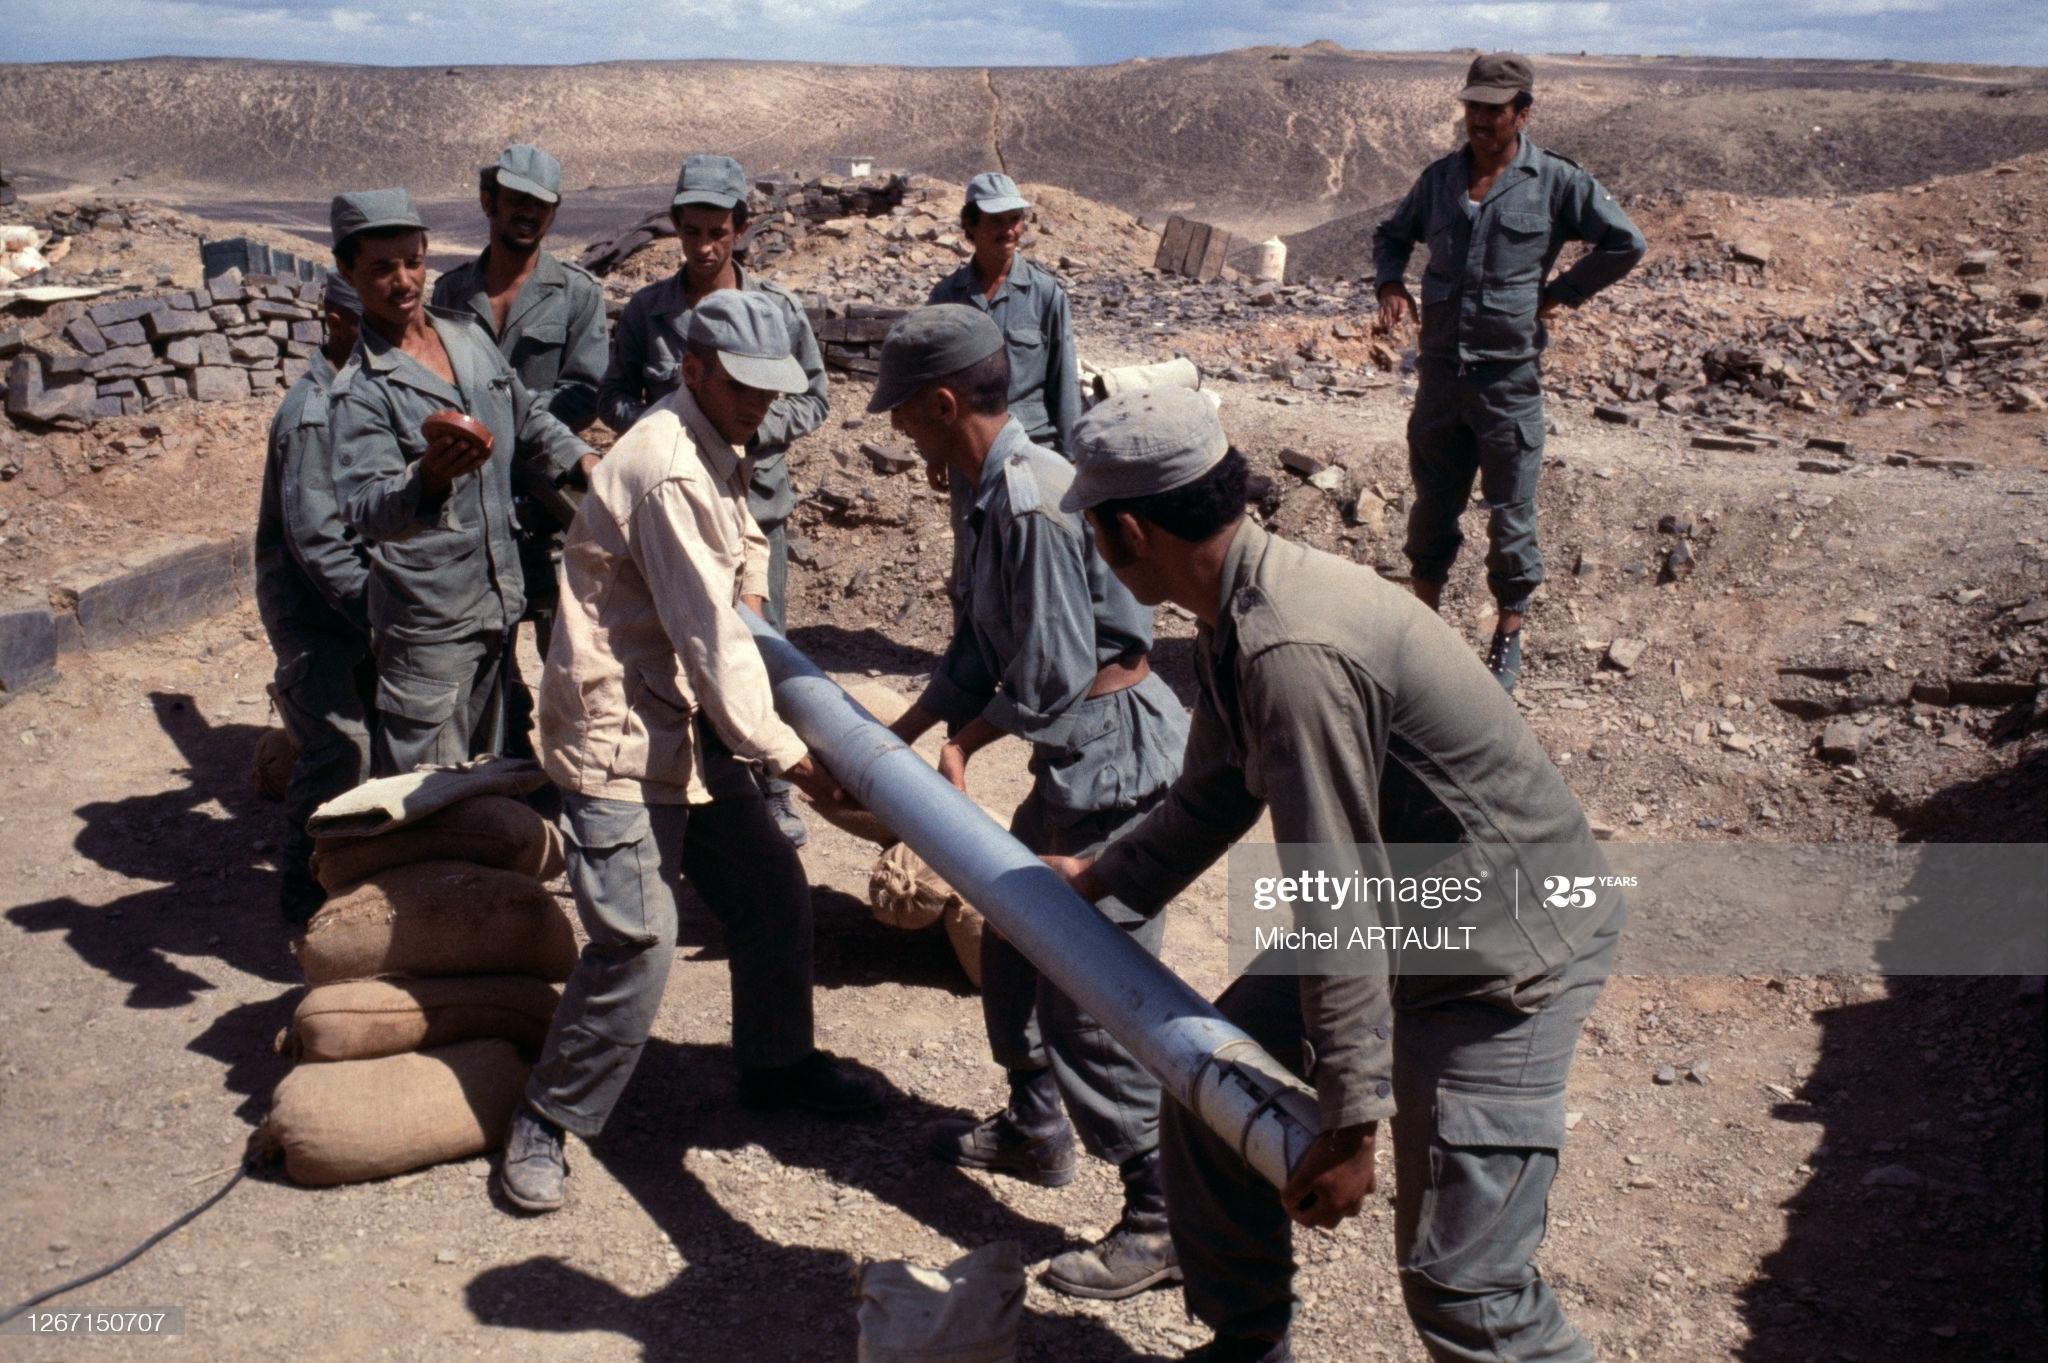 Le conflit armé du sahara marocain - Page 13 50317365422_be276c400f_o_d